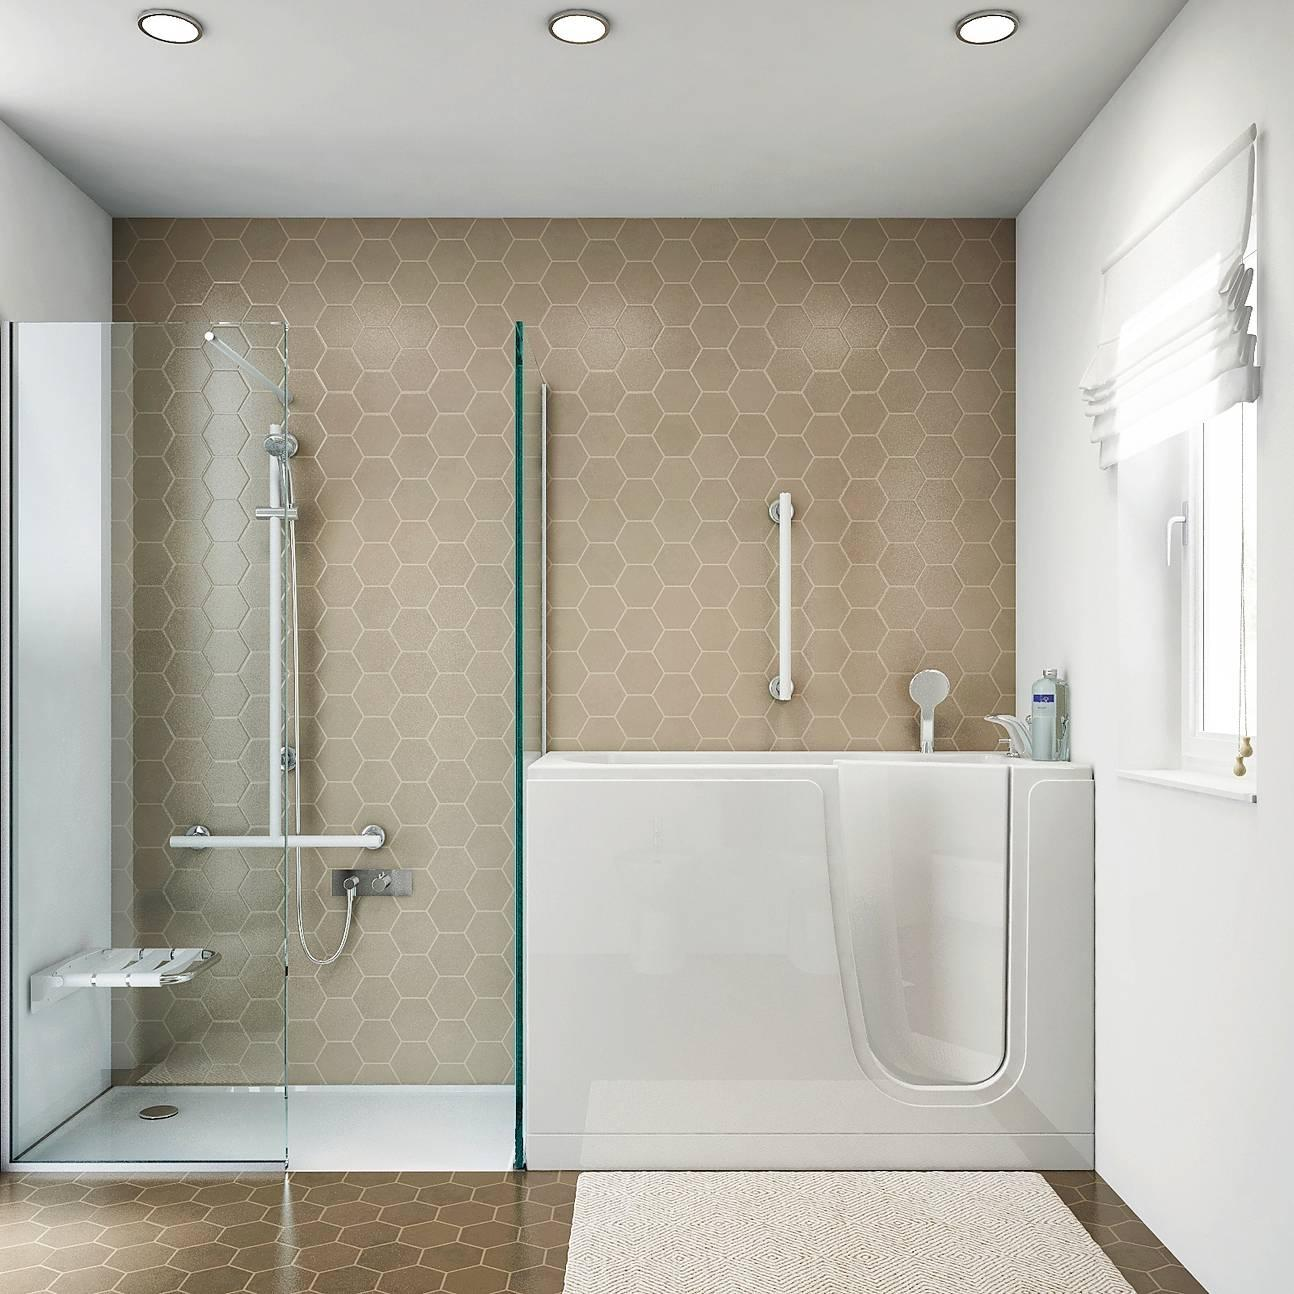 Bagno Accessibile Il Bagno Disabili Diventa Bello Grazie All Universal Design Il Design Inclusivo Cose Di Casa